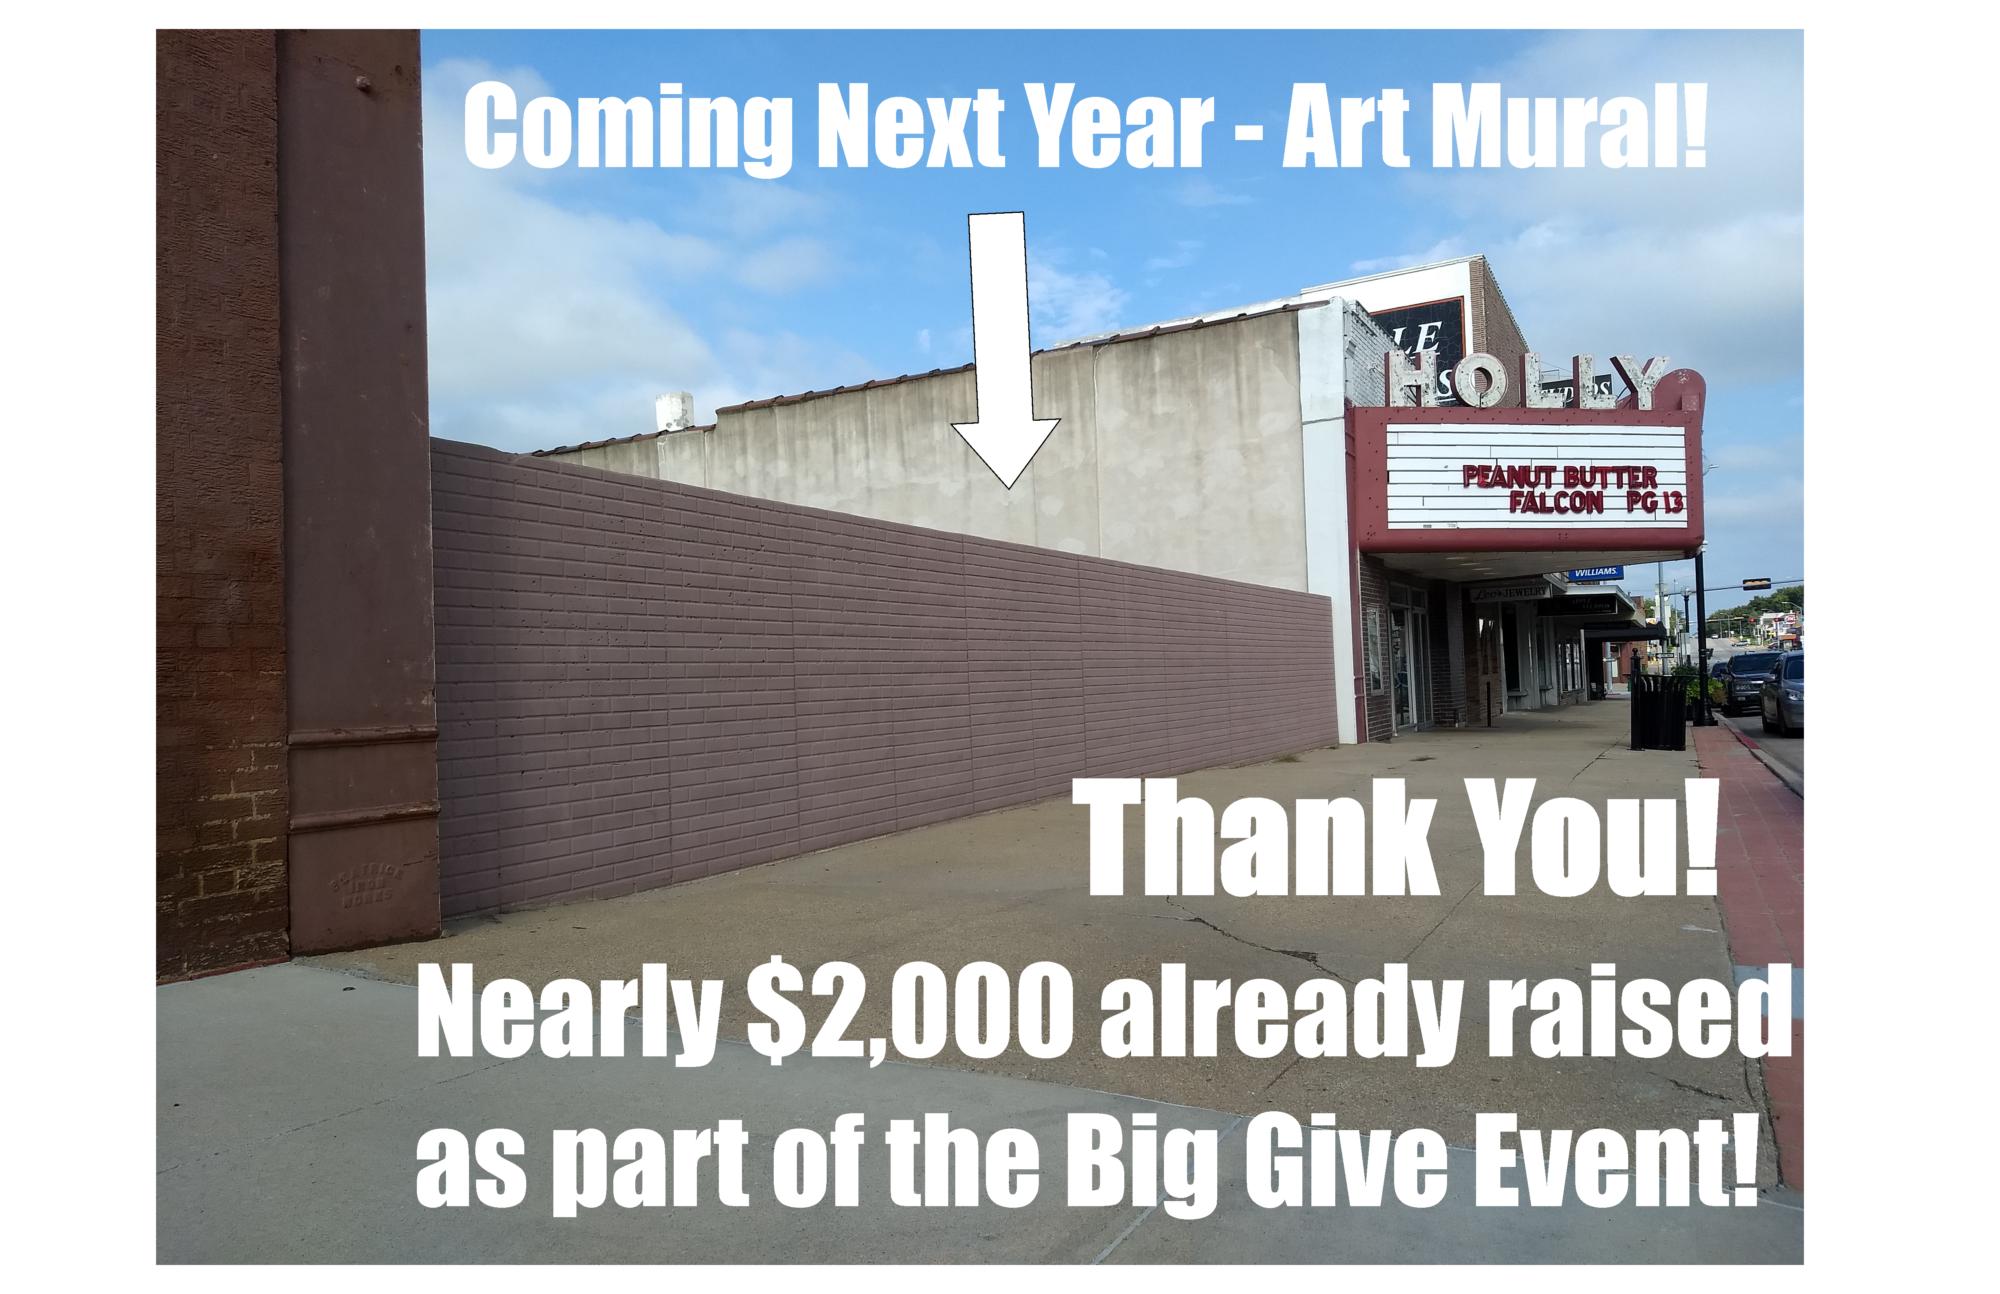 Big Give Event a Success!